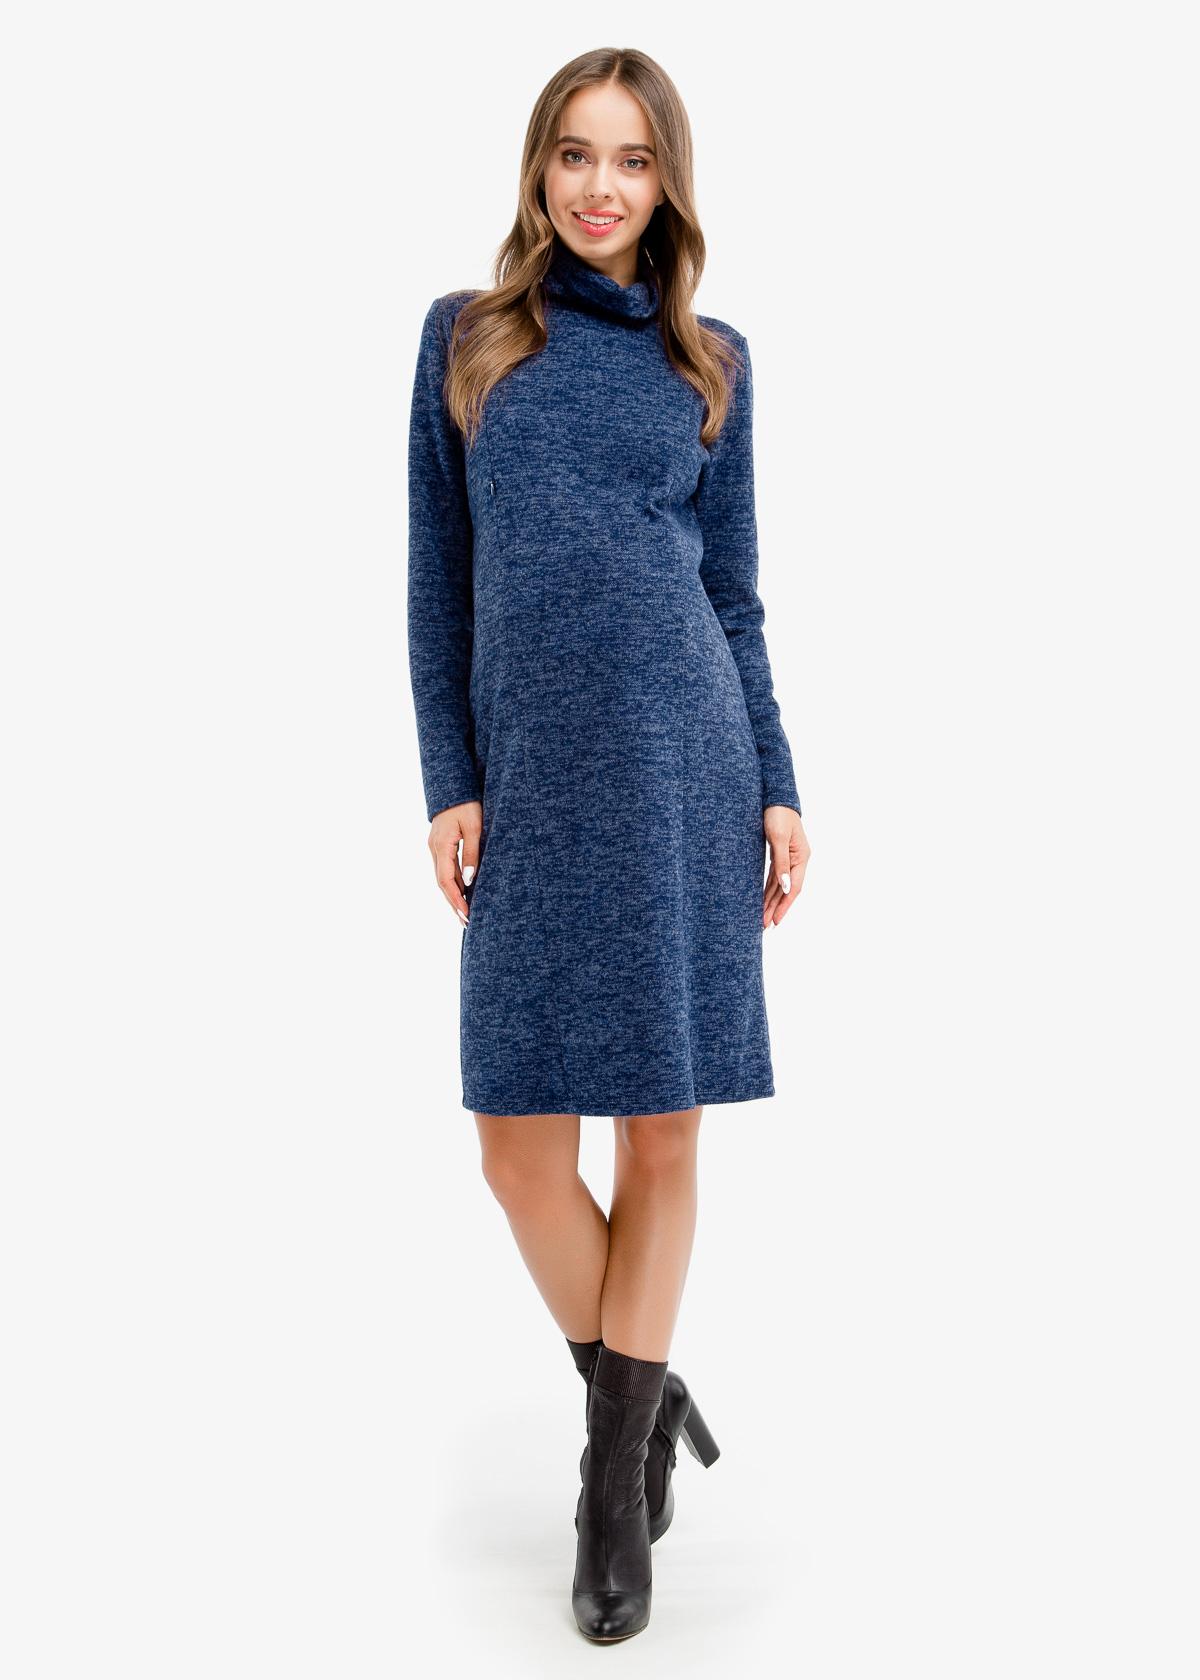 Фото: Прямое синие платье Sky для будущих мам